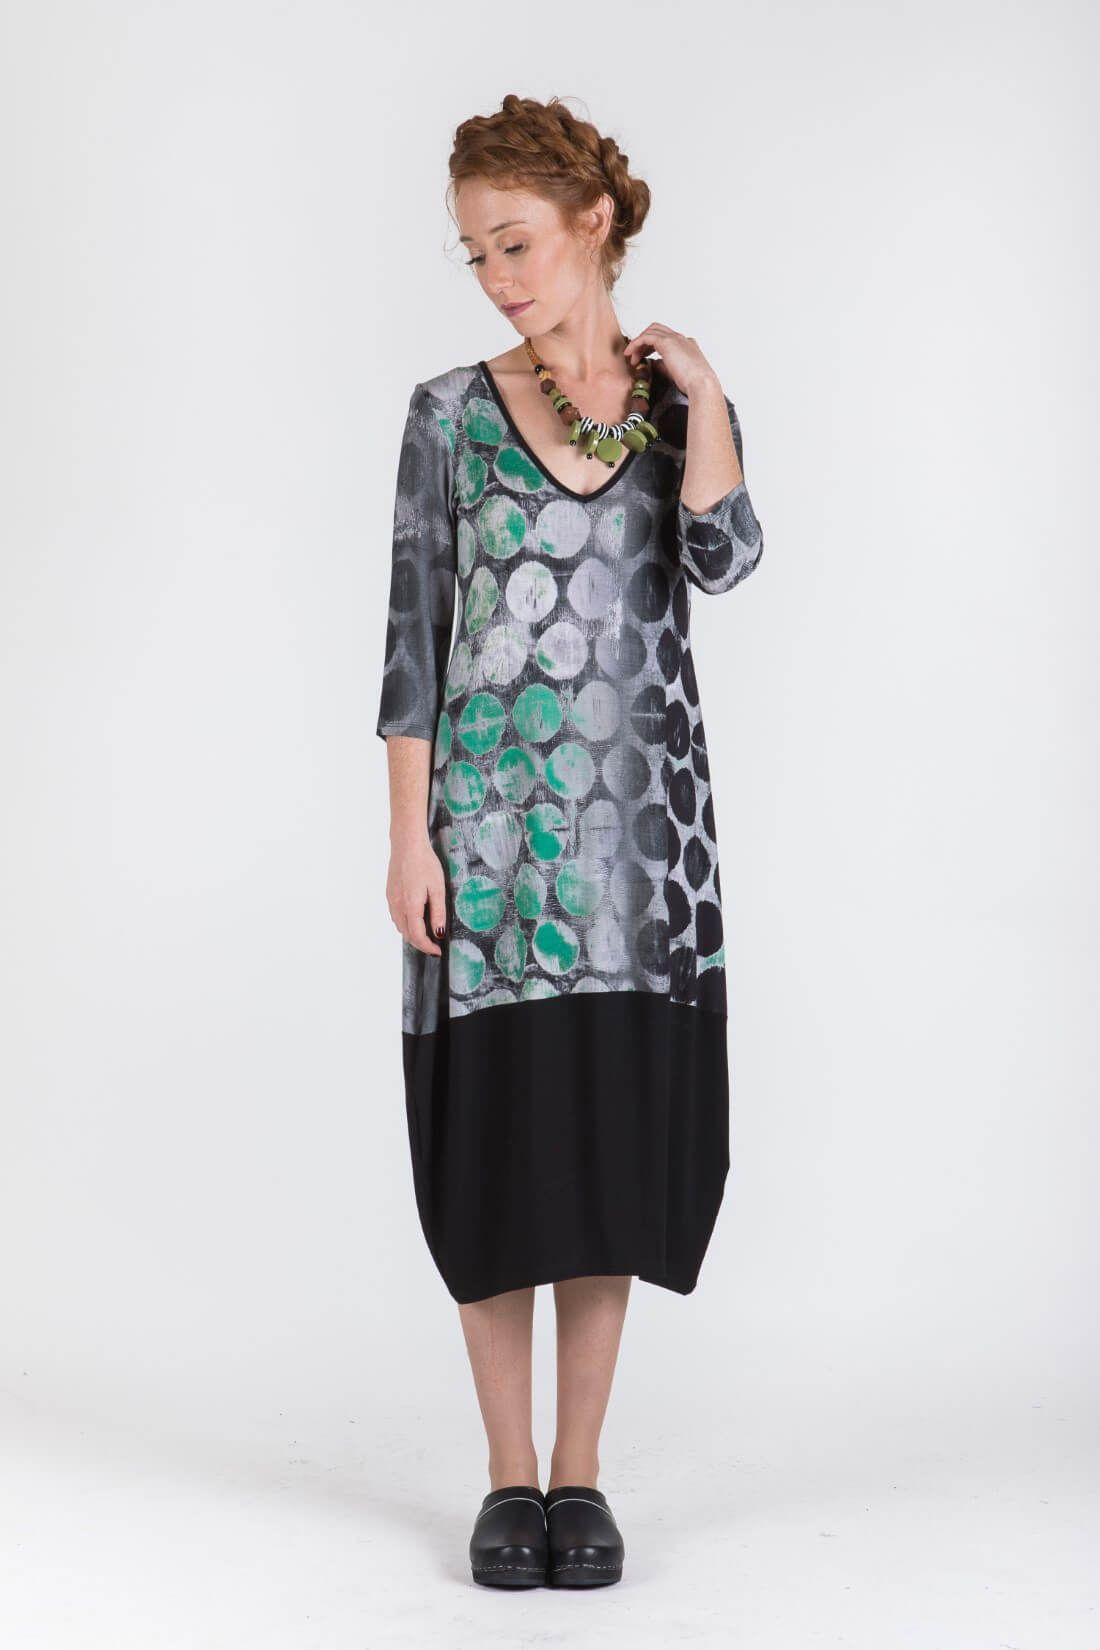 שמלת עיגולים עם שרוולים דגם חוצפנית-ירוק